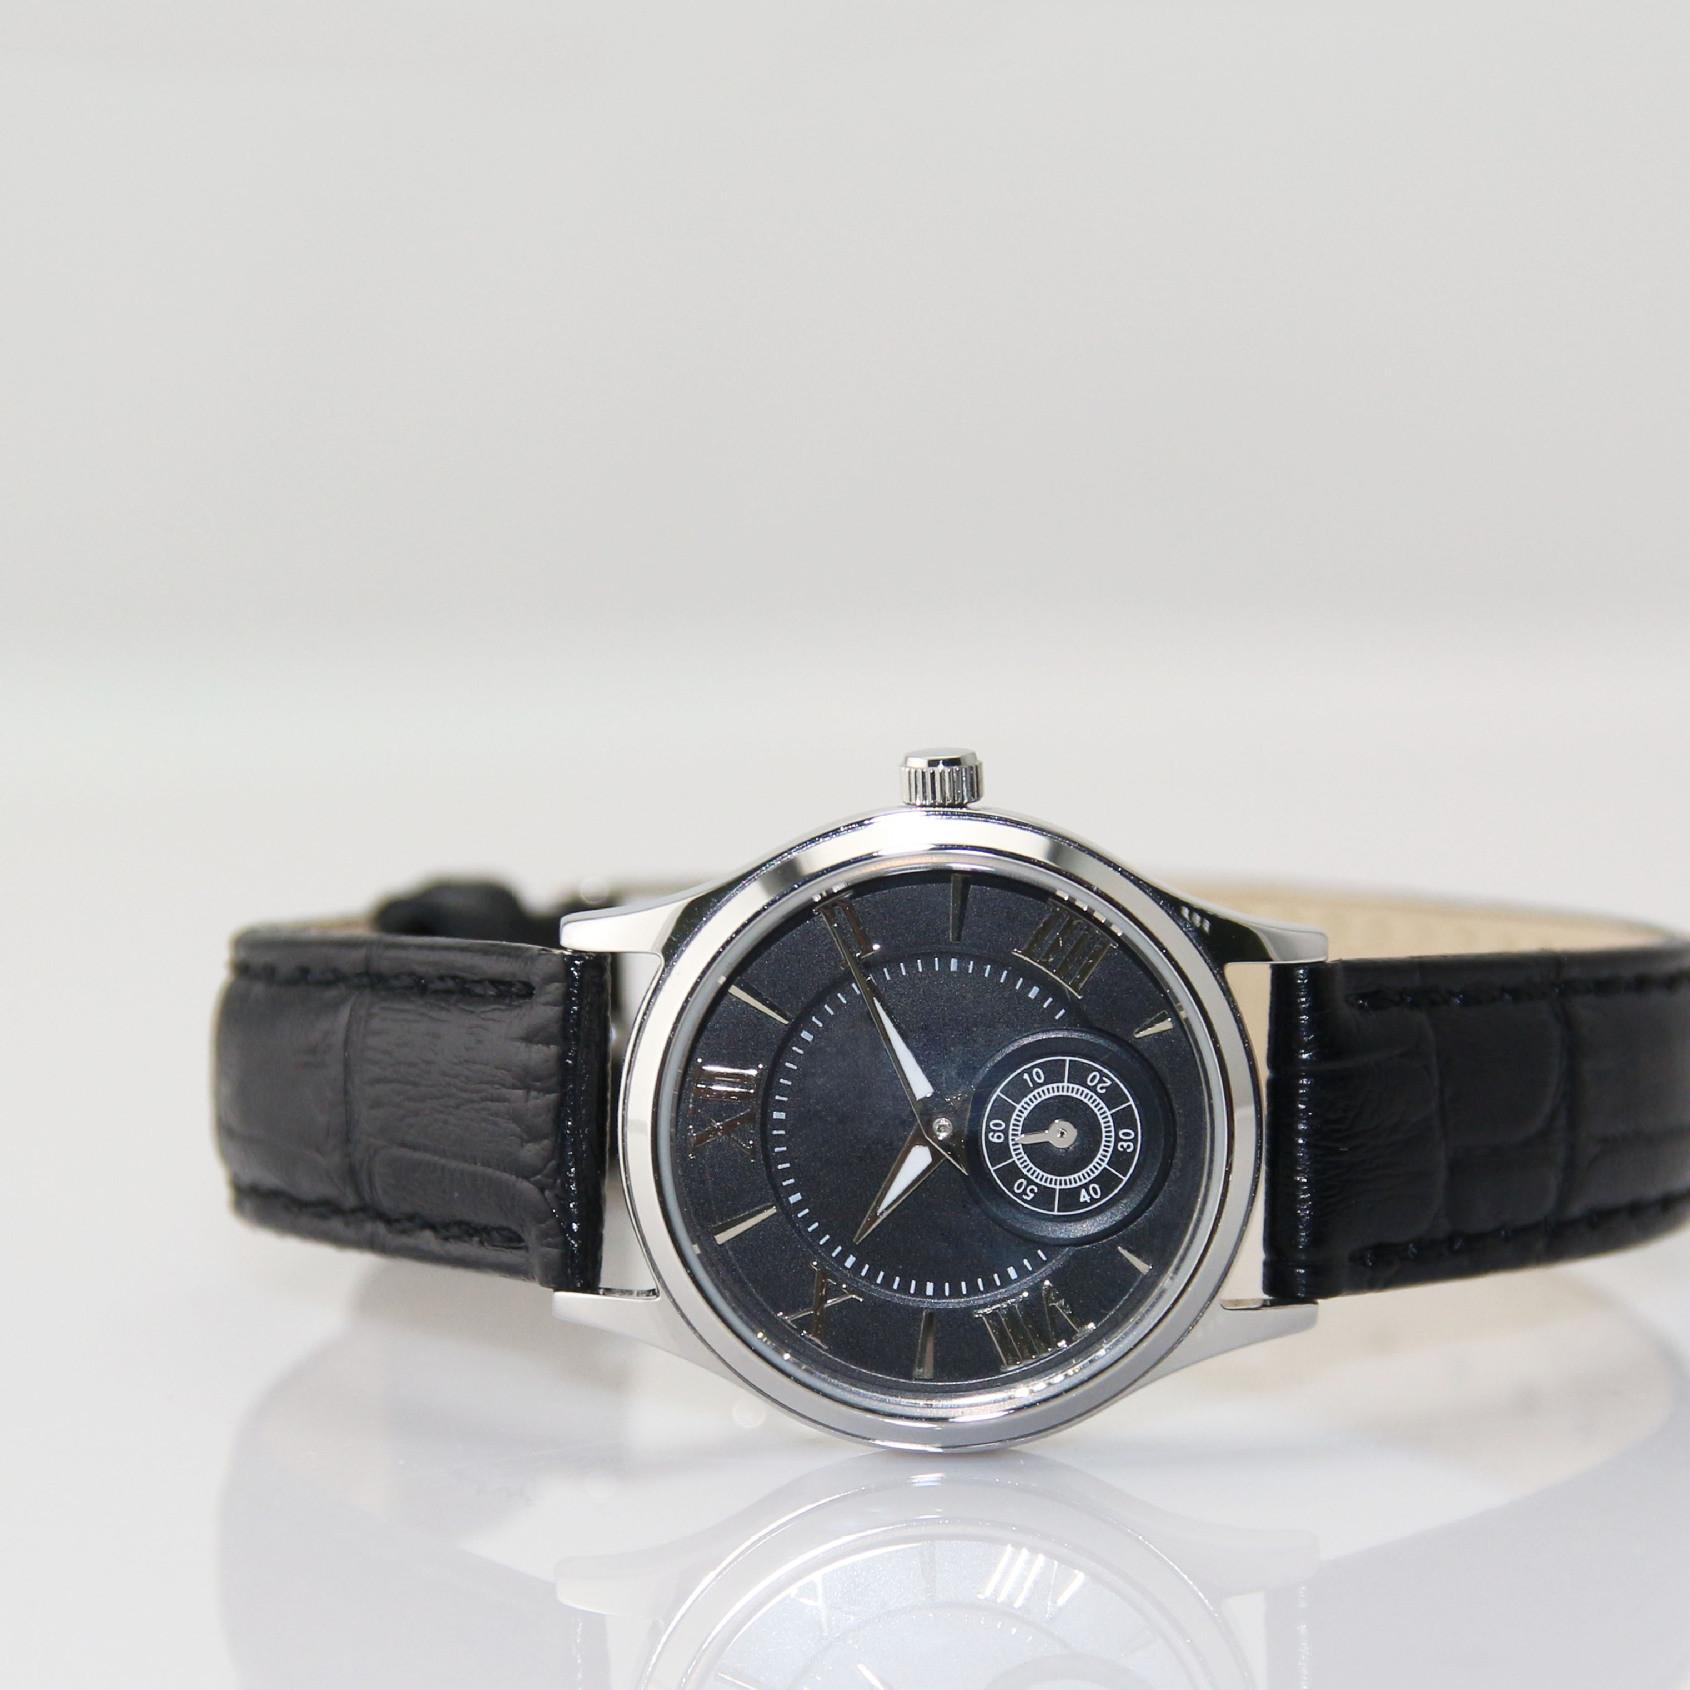 供应新款时尚女士不锈钢手表 进口机芯配牛皮表带 深度防水